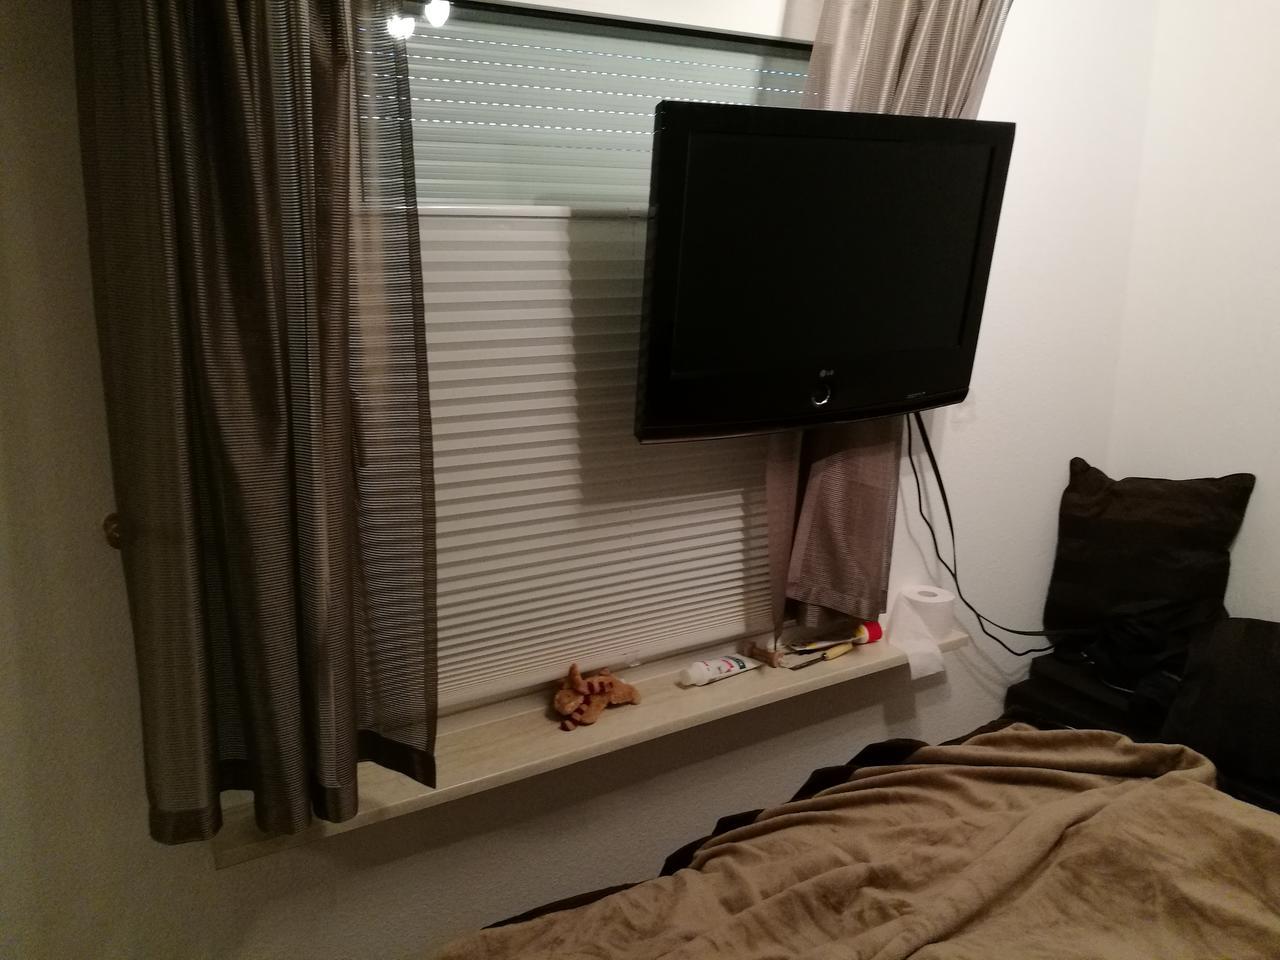 Fernseher Kann Fast Mittig Zum Fenster Platziert Werden... Muss Aber  Zwischen Bett Und Fenster Jede Nacht Durch. Da Passt Leider Nix Mehr An Die  Wand.